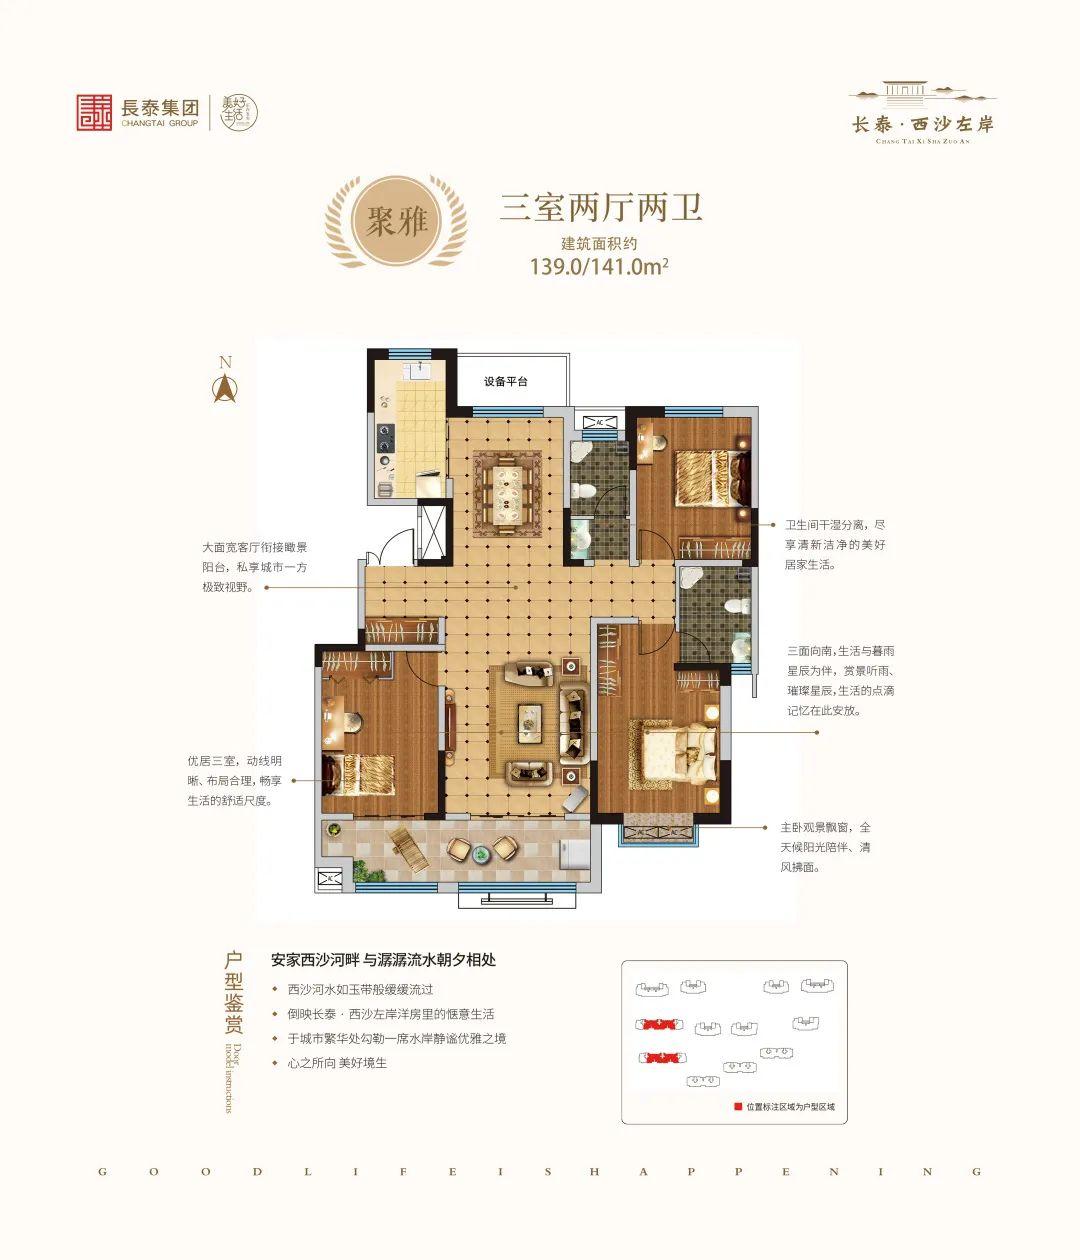 长泰•西沙左岸 | 敬师恩 贺中秋——9月双节活动惊喜来袭!(图35)